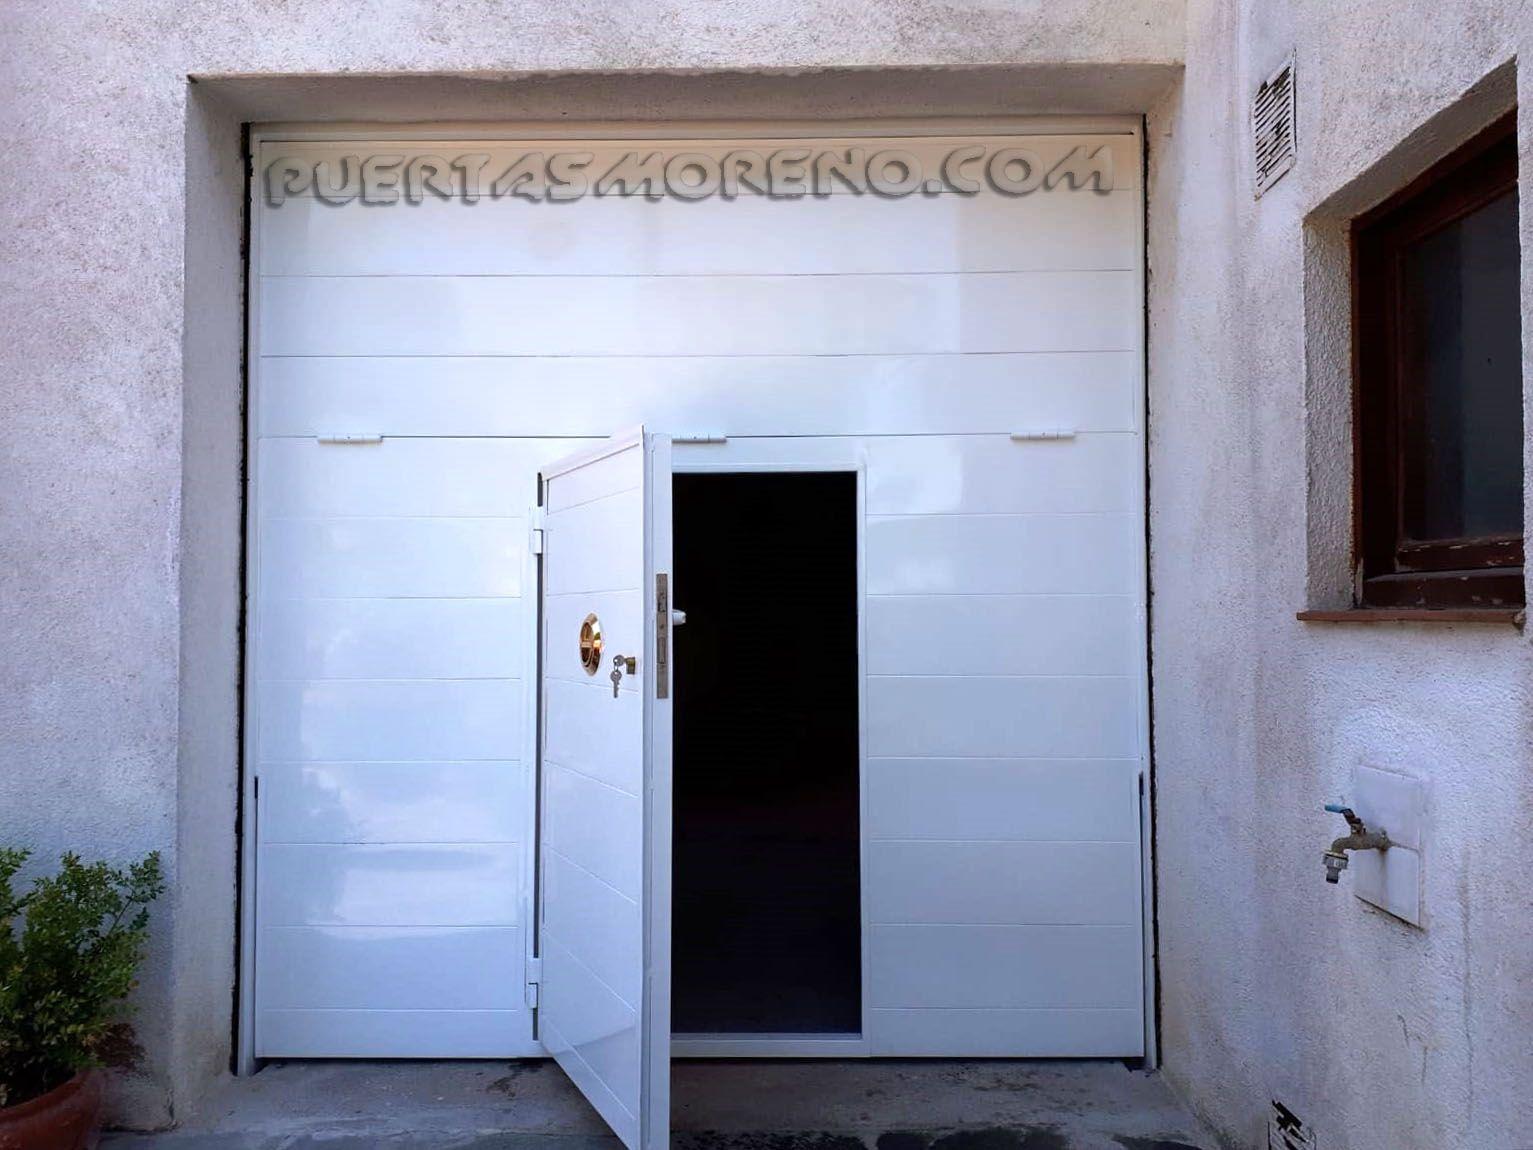 Puerta Basculante En Dos Hojas Fabricación A Medida Bajo Pedido Puerta De Acceso Peatonal Opcional Ideal Para G Porton Basculante Puertas Automaticas Garaje